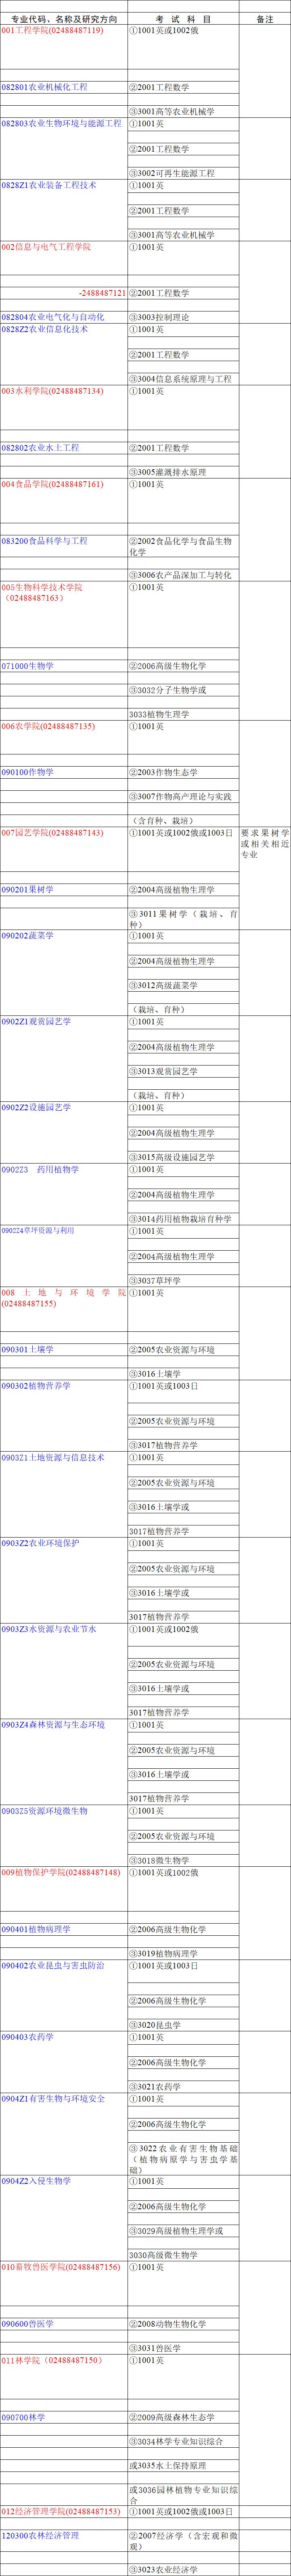 沈阳农业大学2020年博士研究生招生专业目录